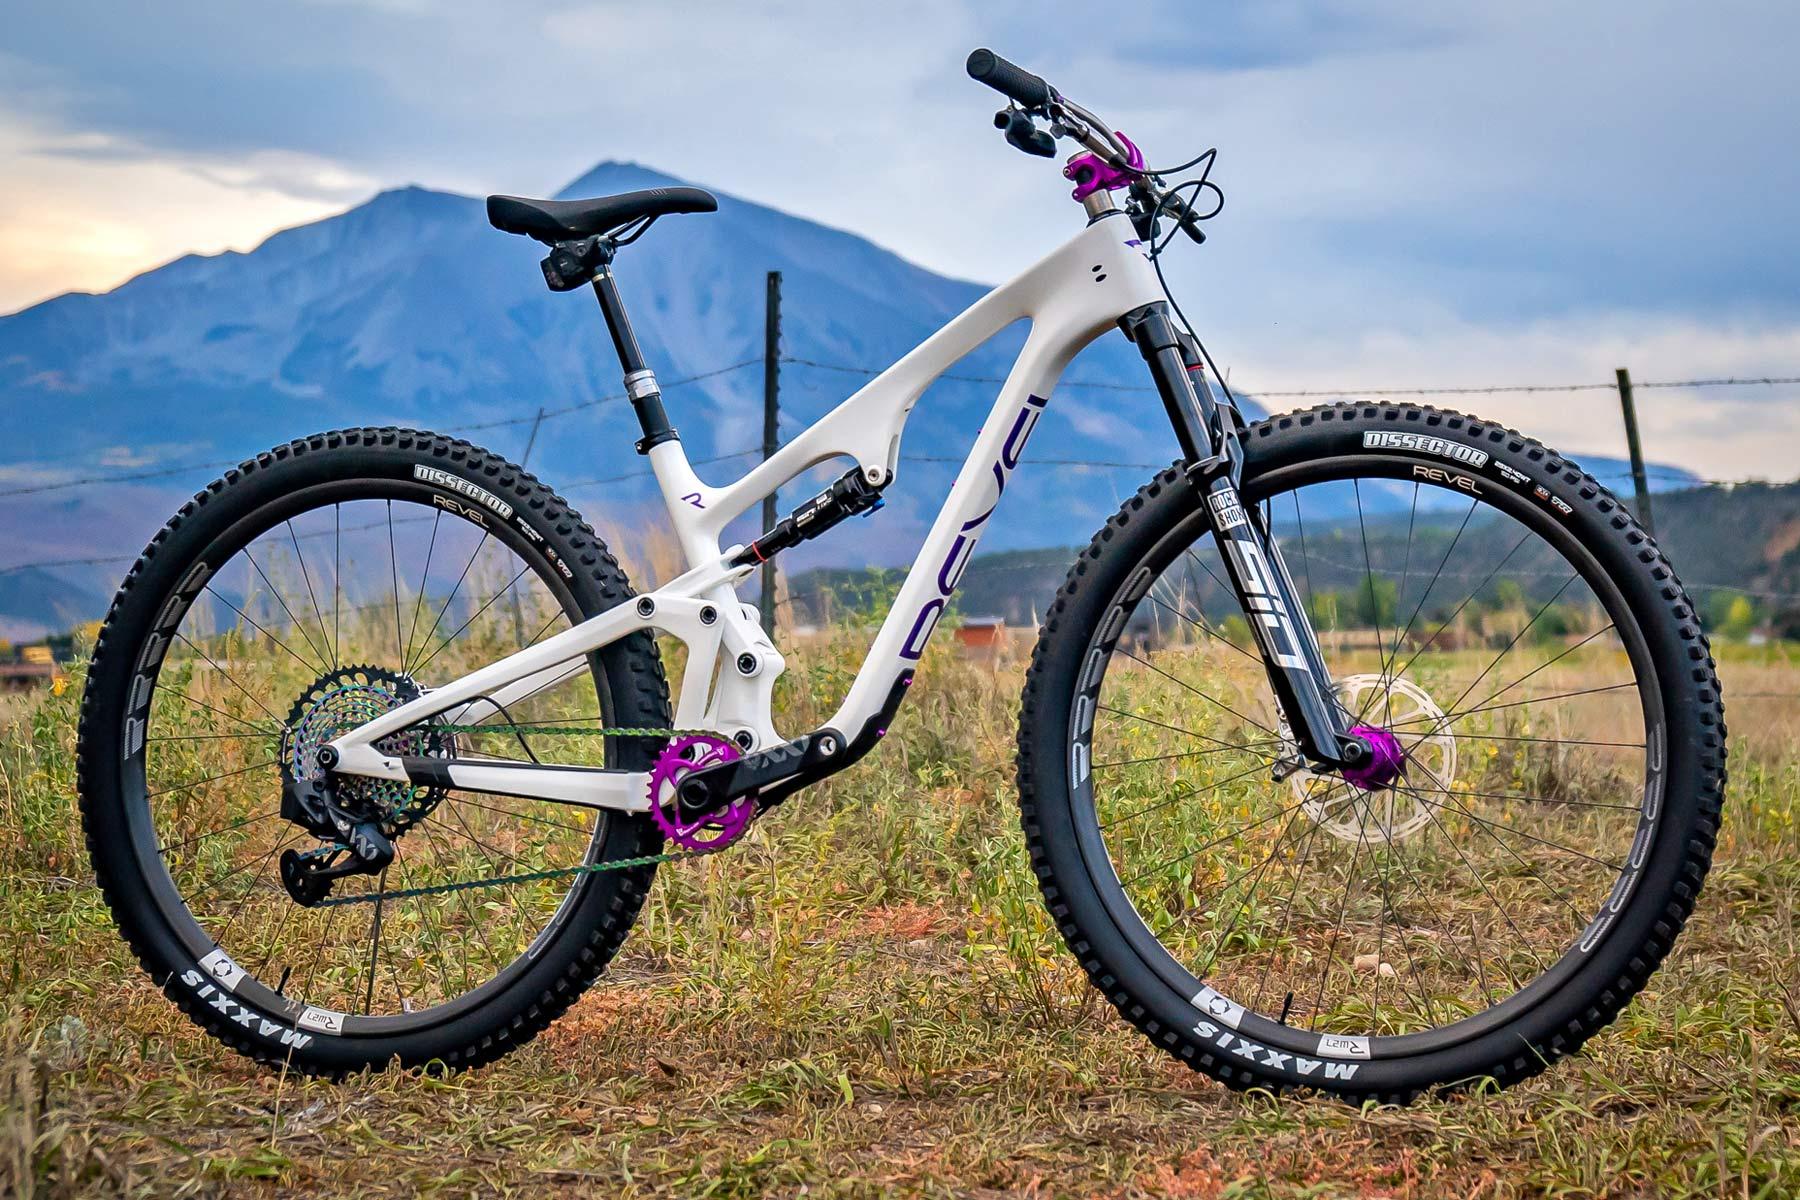 Cuma Geçen Hafta: LoveYourBrain & Bir Eğlence, Commencal, Basso bisikleti, kask, çanta ve daha fazlasını kazanın!